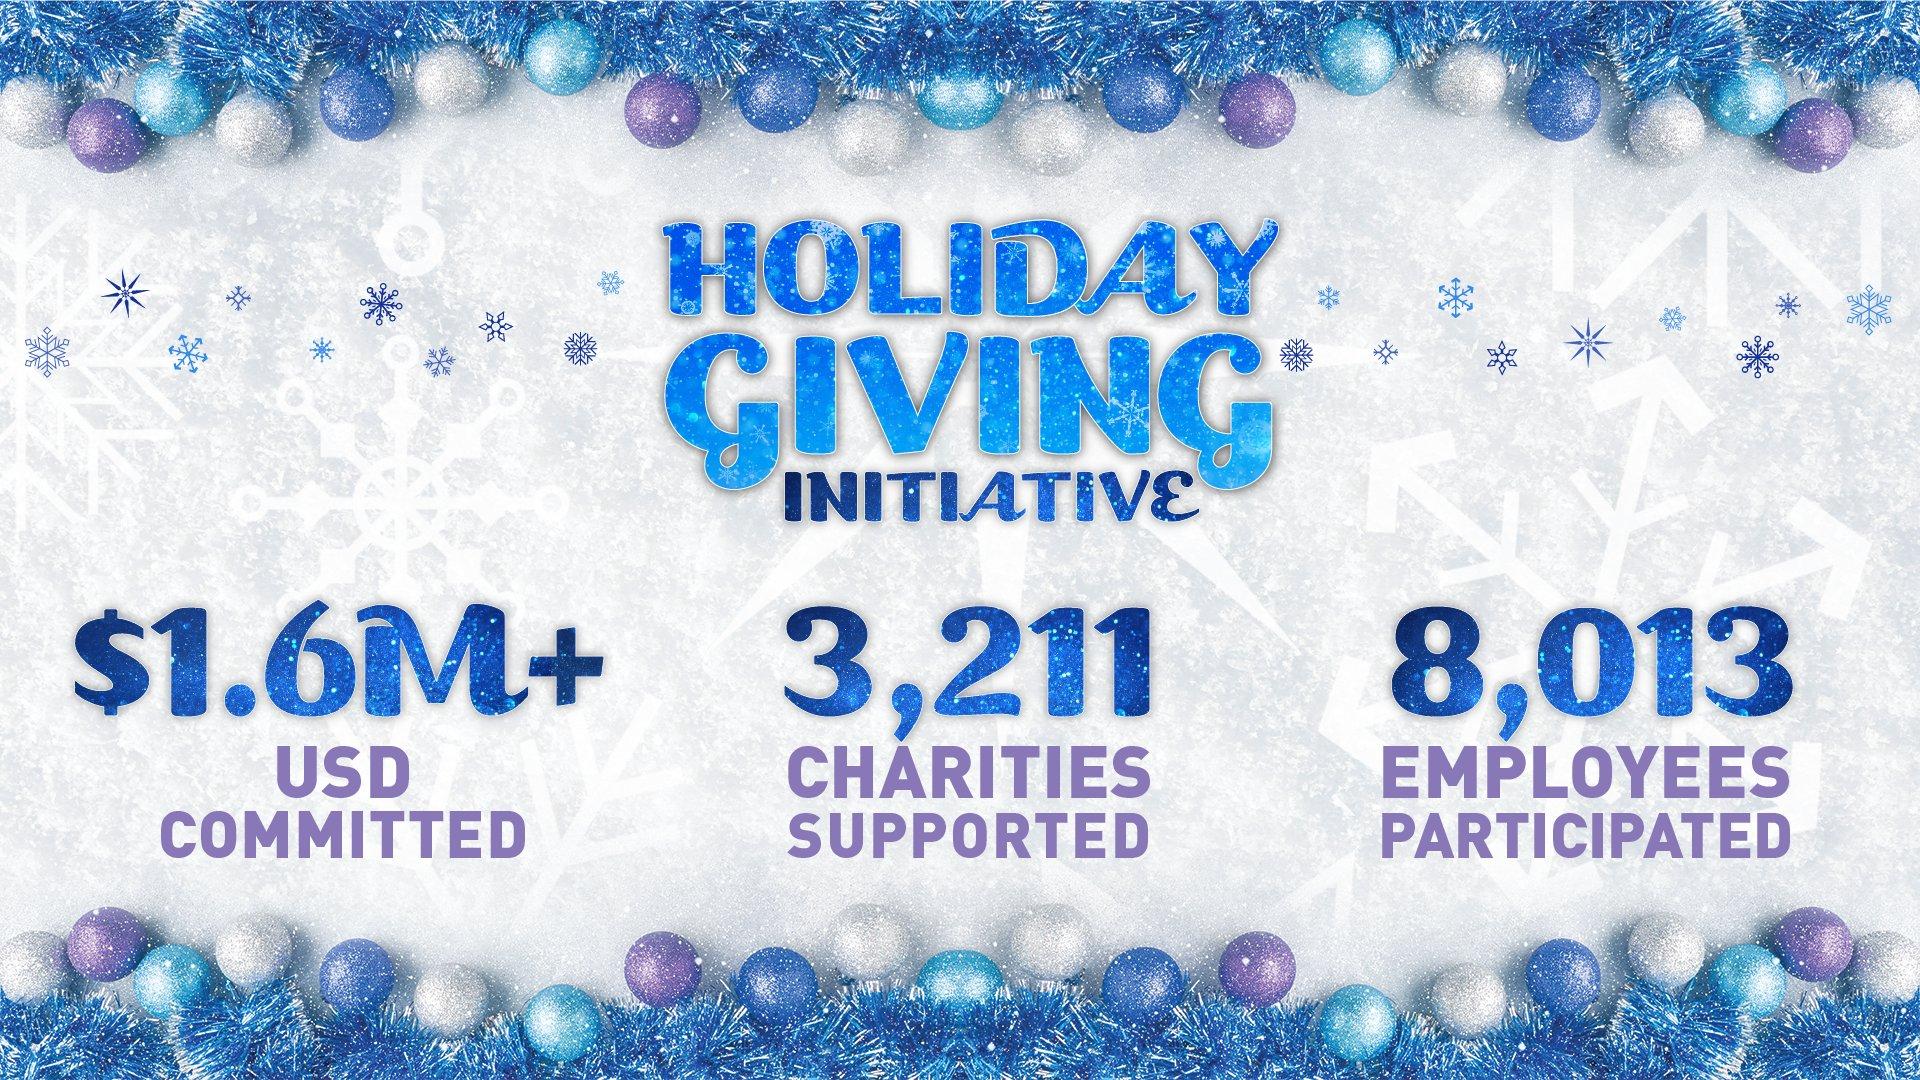 动视暴雪慈善活动捐款超160万美元 8千余员工参与